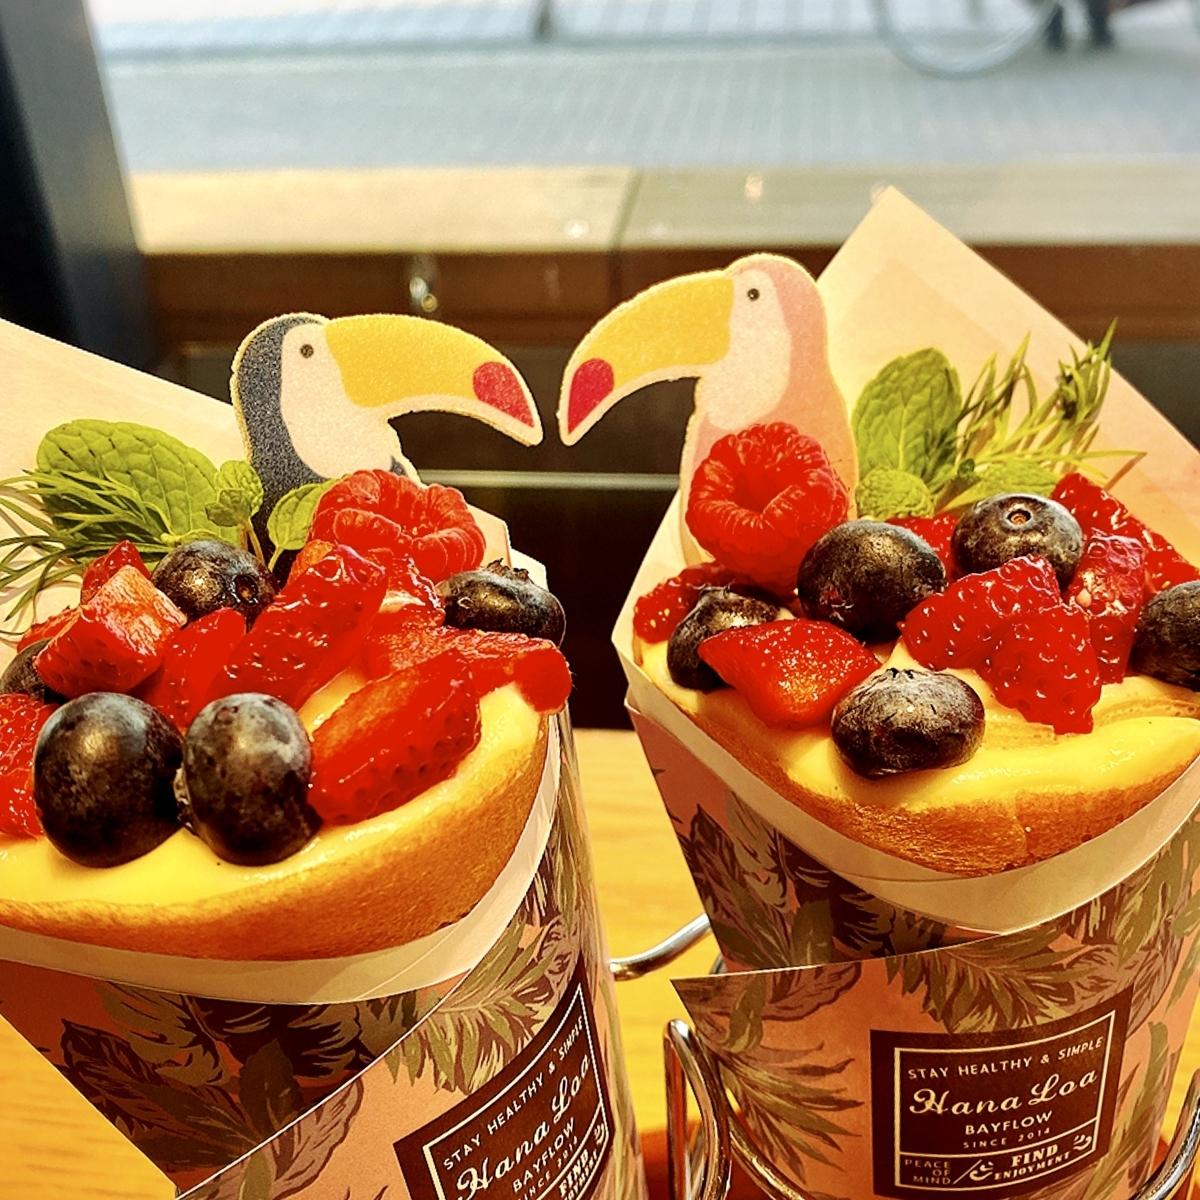 美にもこだわり!豆乳クリームを使ったクレープがいただける「ベイフローカフェ 吉祥寺店」